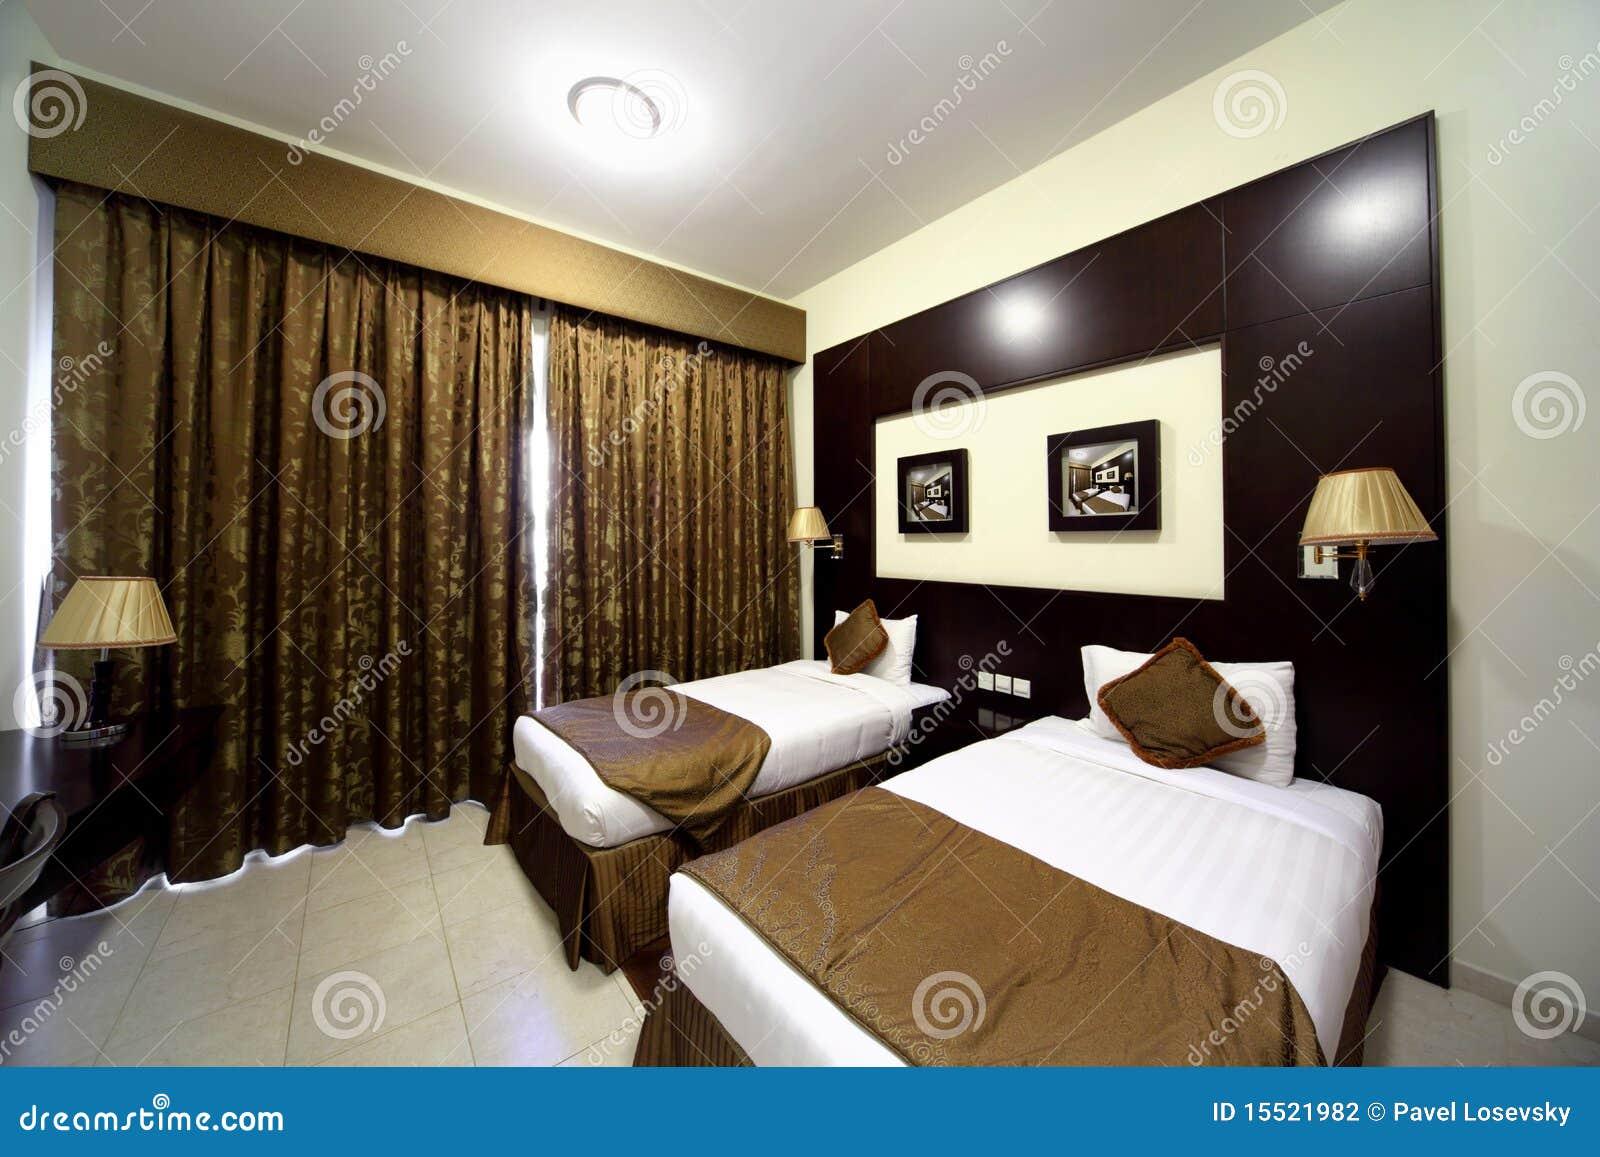 trennvorhang zimmer, trennvorhang ~ alles über wohndesign und möbelideen, Design ideen